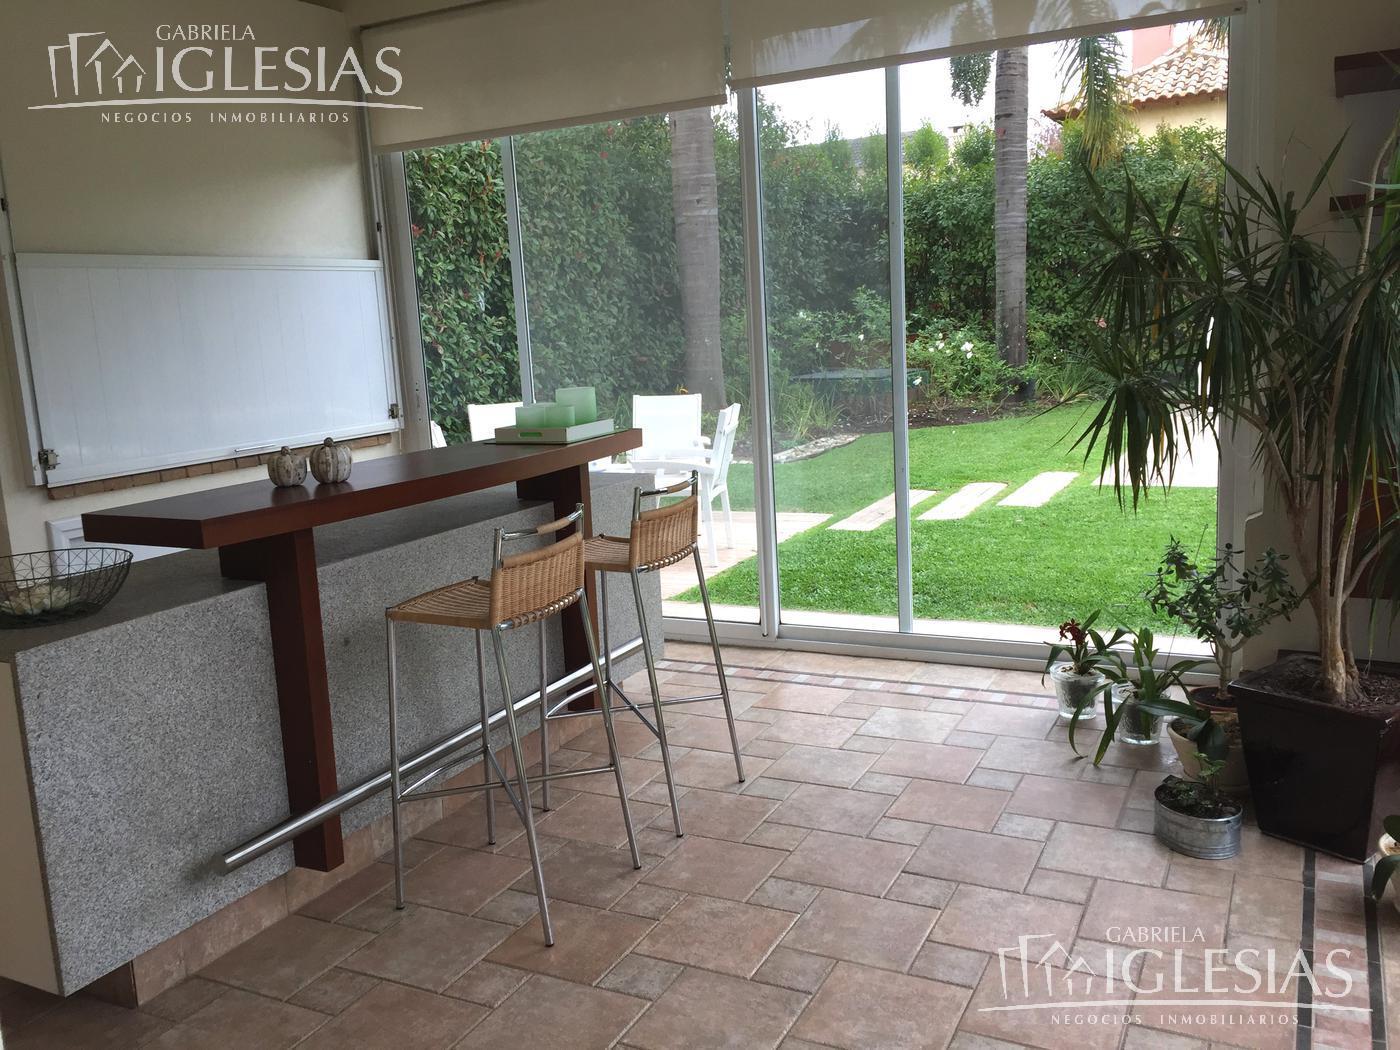 Casa en Venta en Las Caletas a Venta - u$s 900.000